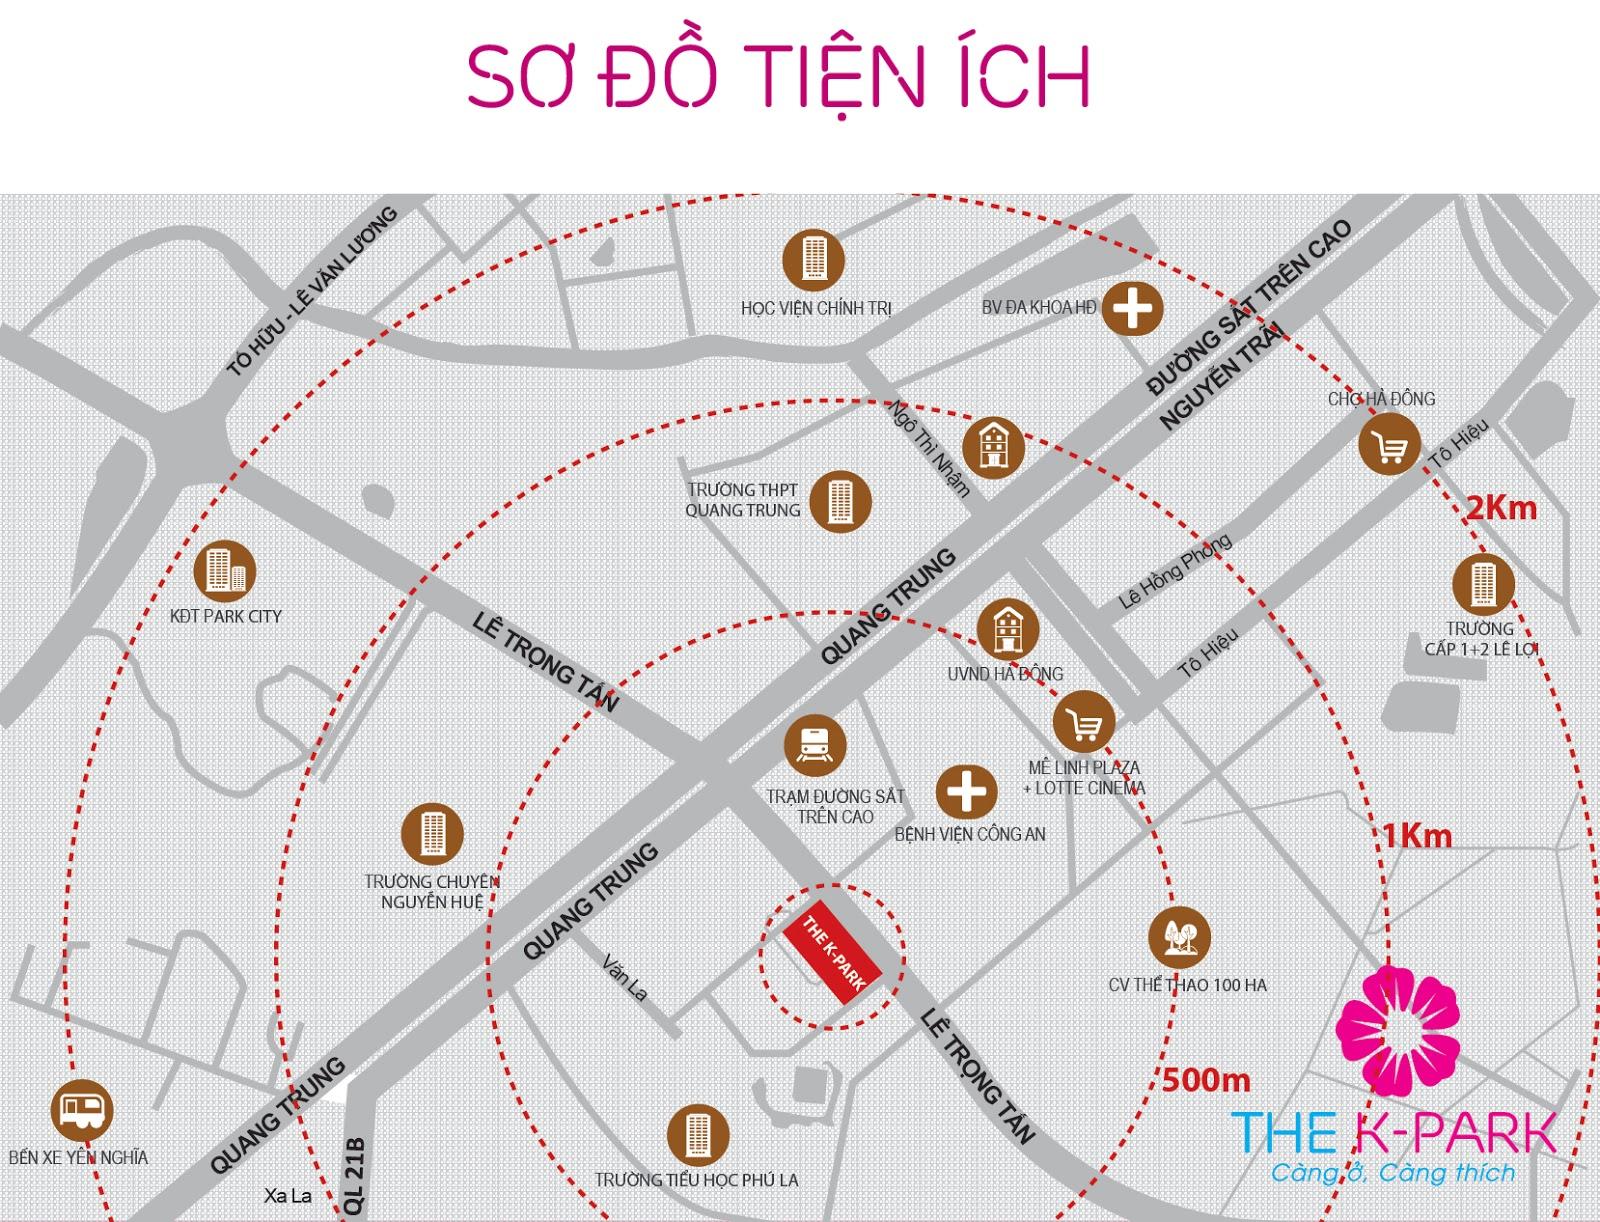 Tiện ích ngoại khu đồng bộ của dự án The K Park Văn Phú